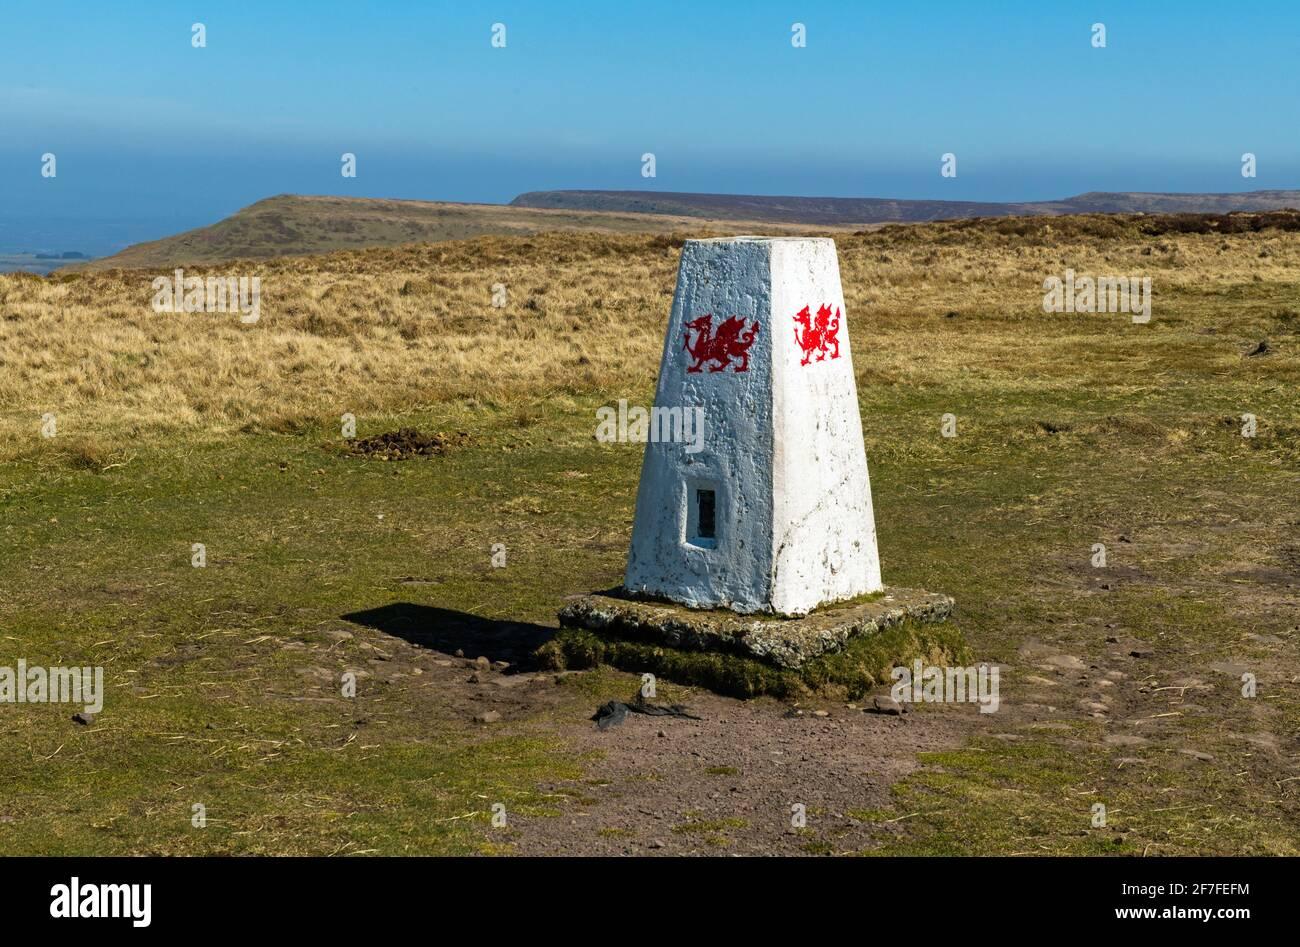 Un point de trig ou de triangulation sur le dessus du colline de Ros Dirion dans les montagnes noires en regardant vers le nord Banque D'Images